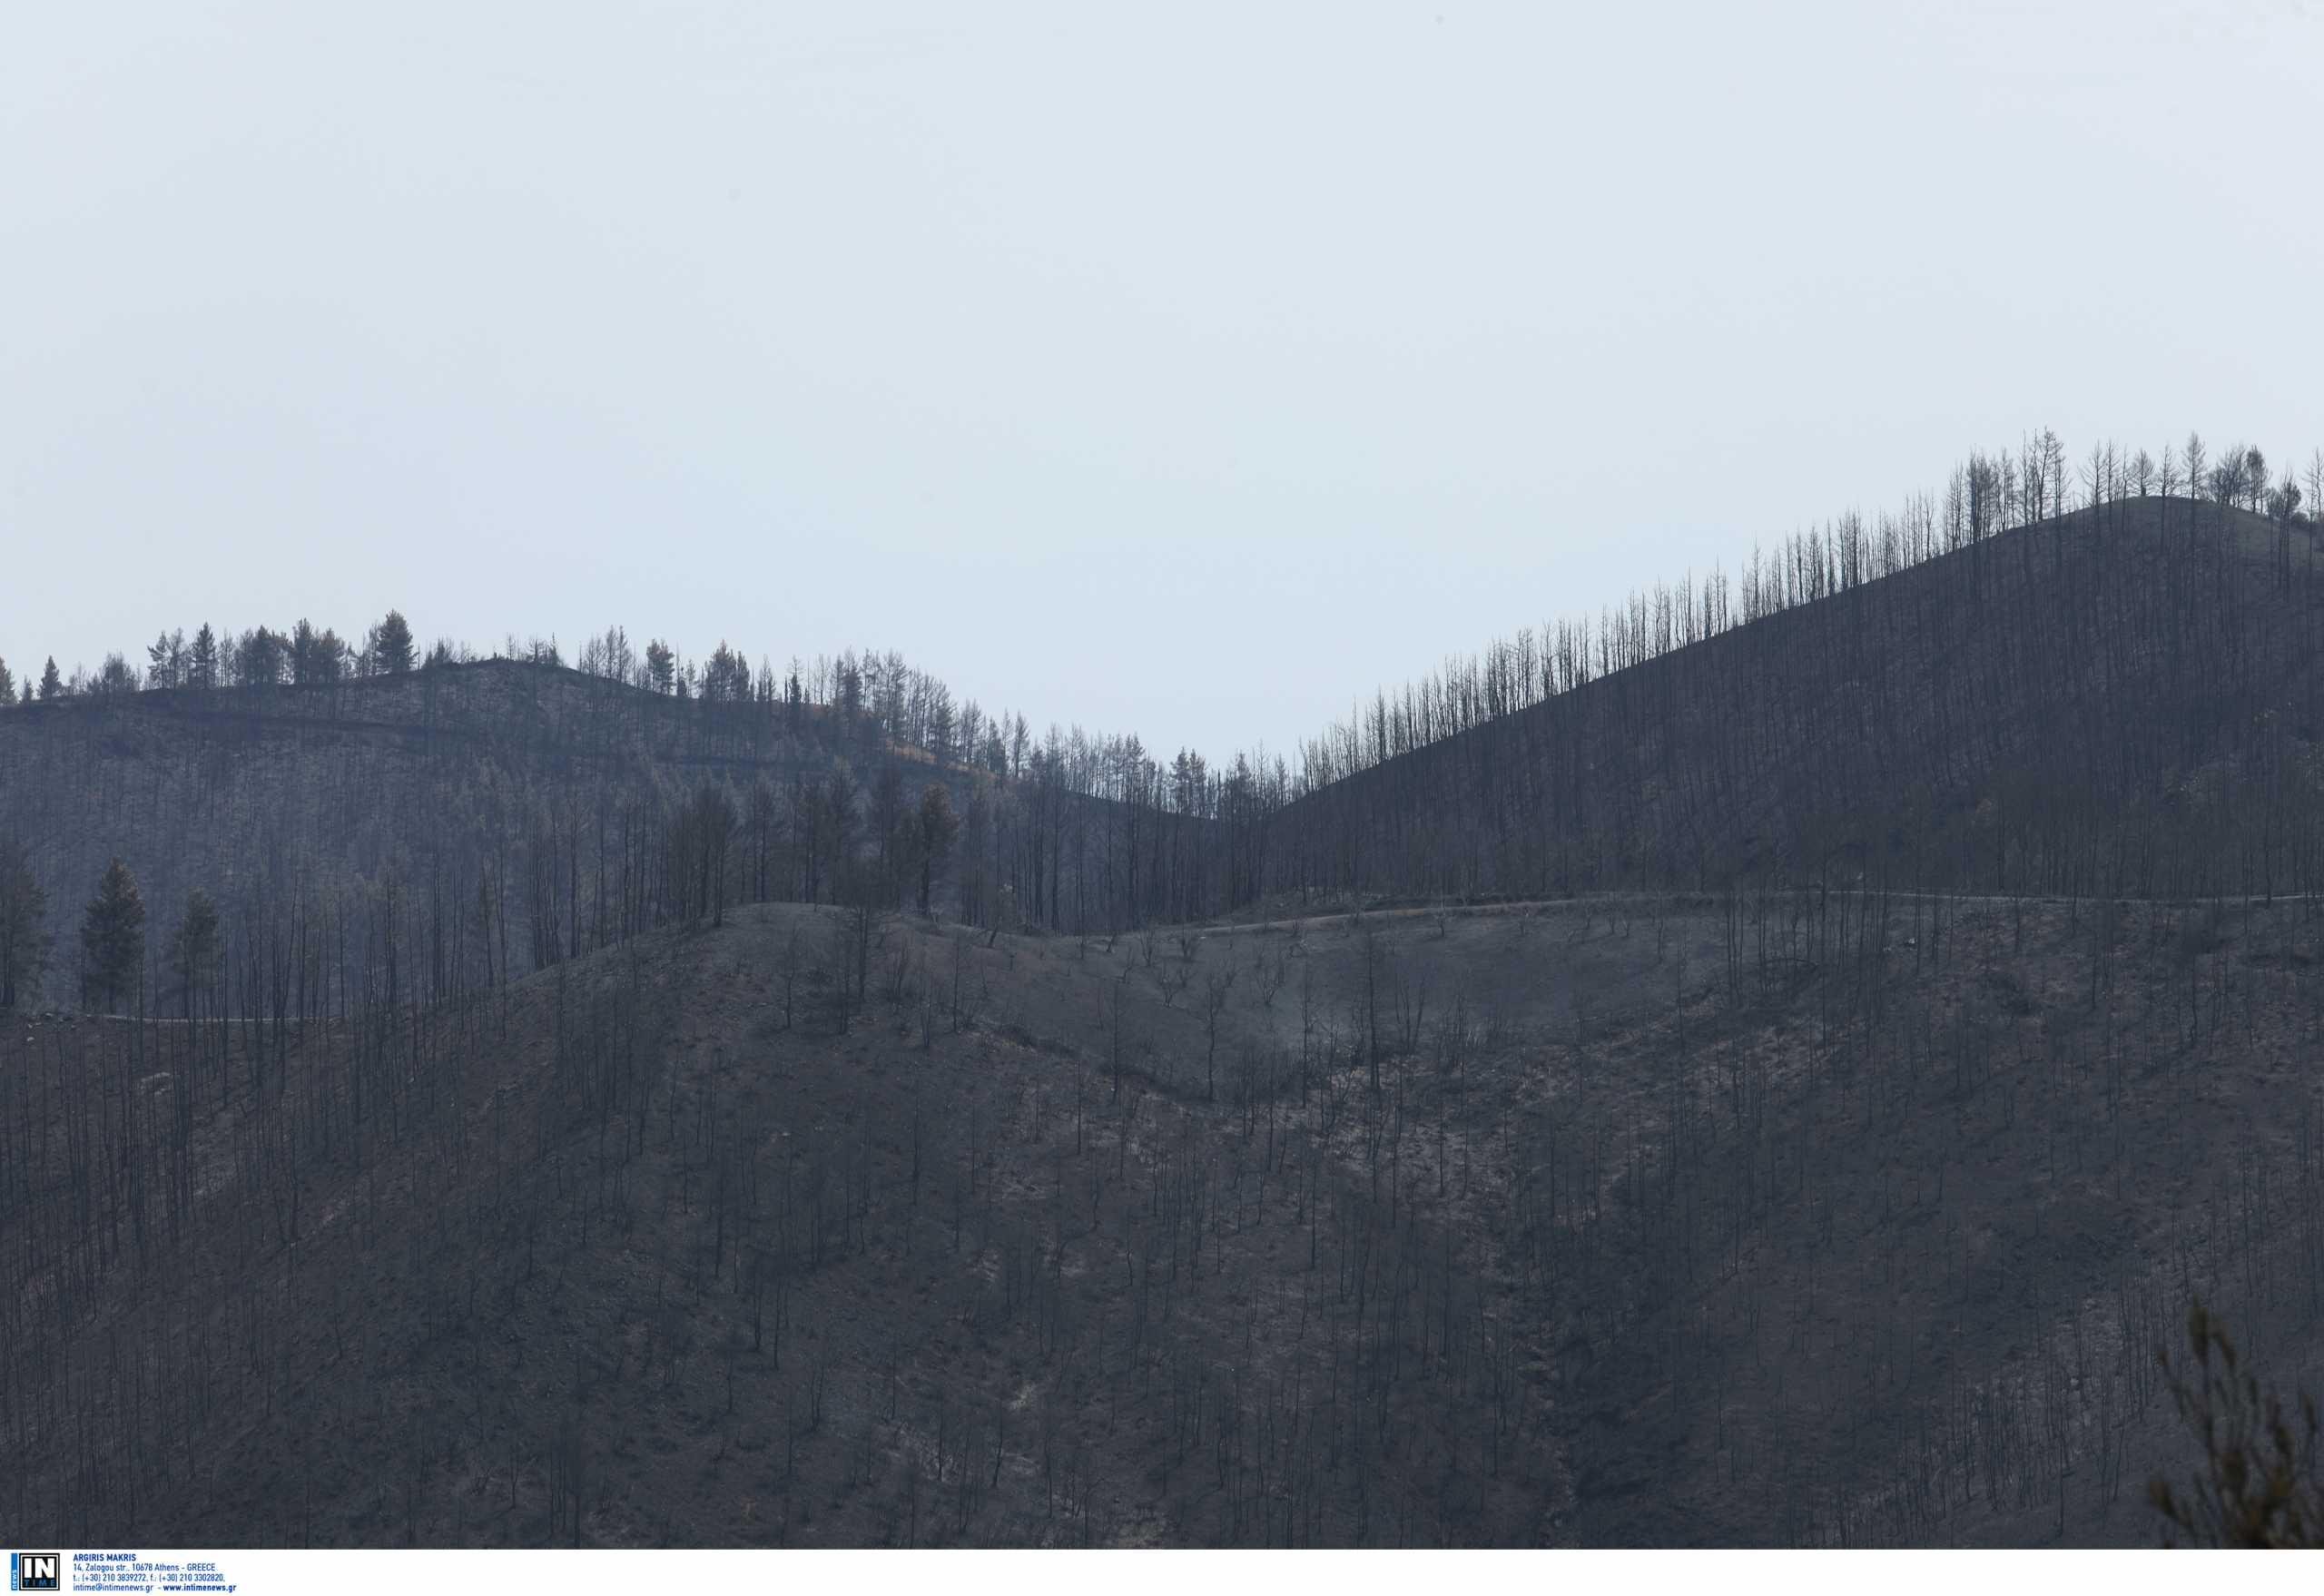 Βόρεια Εύβοια: Σε 10 πυλώνες το σχέδιο αποκατάστασης για τις πυρόπληκτες περιοχές